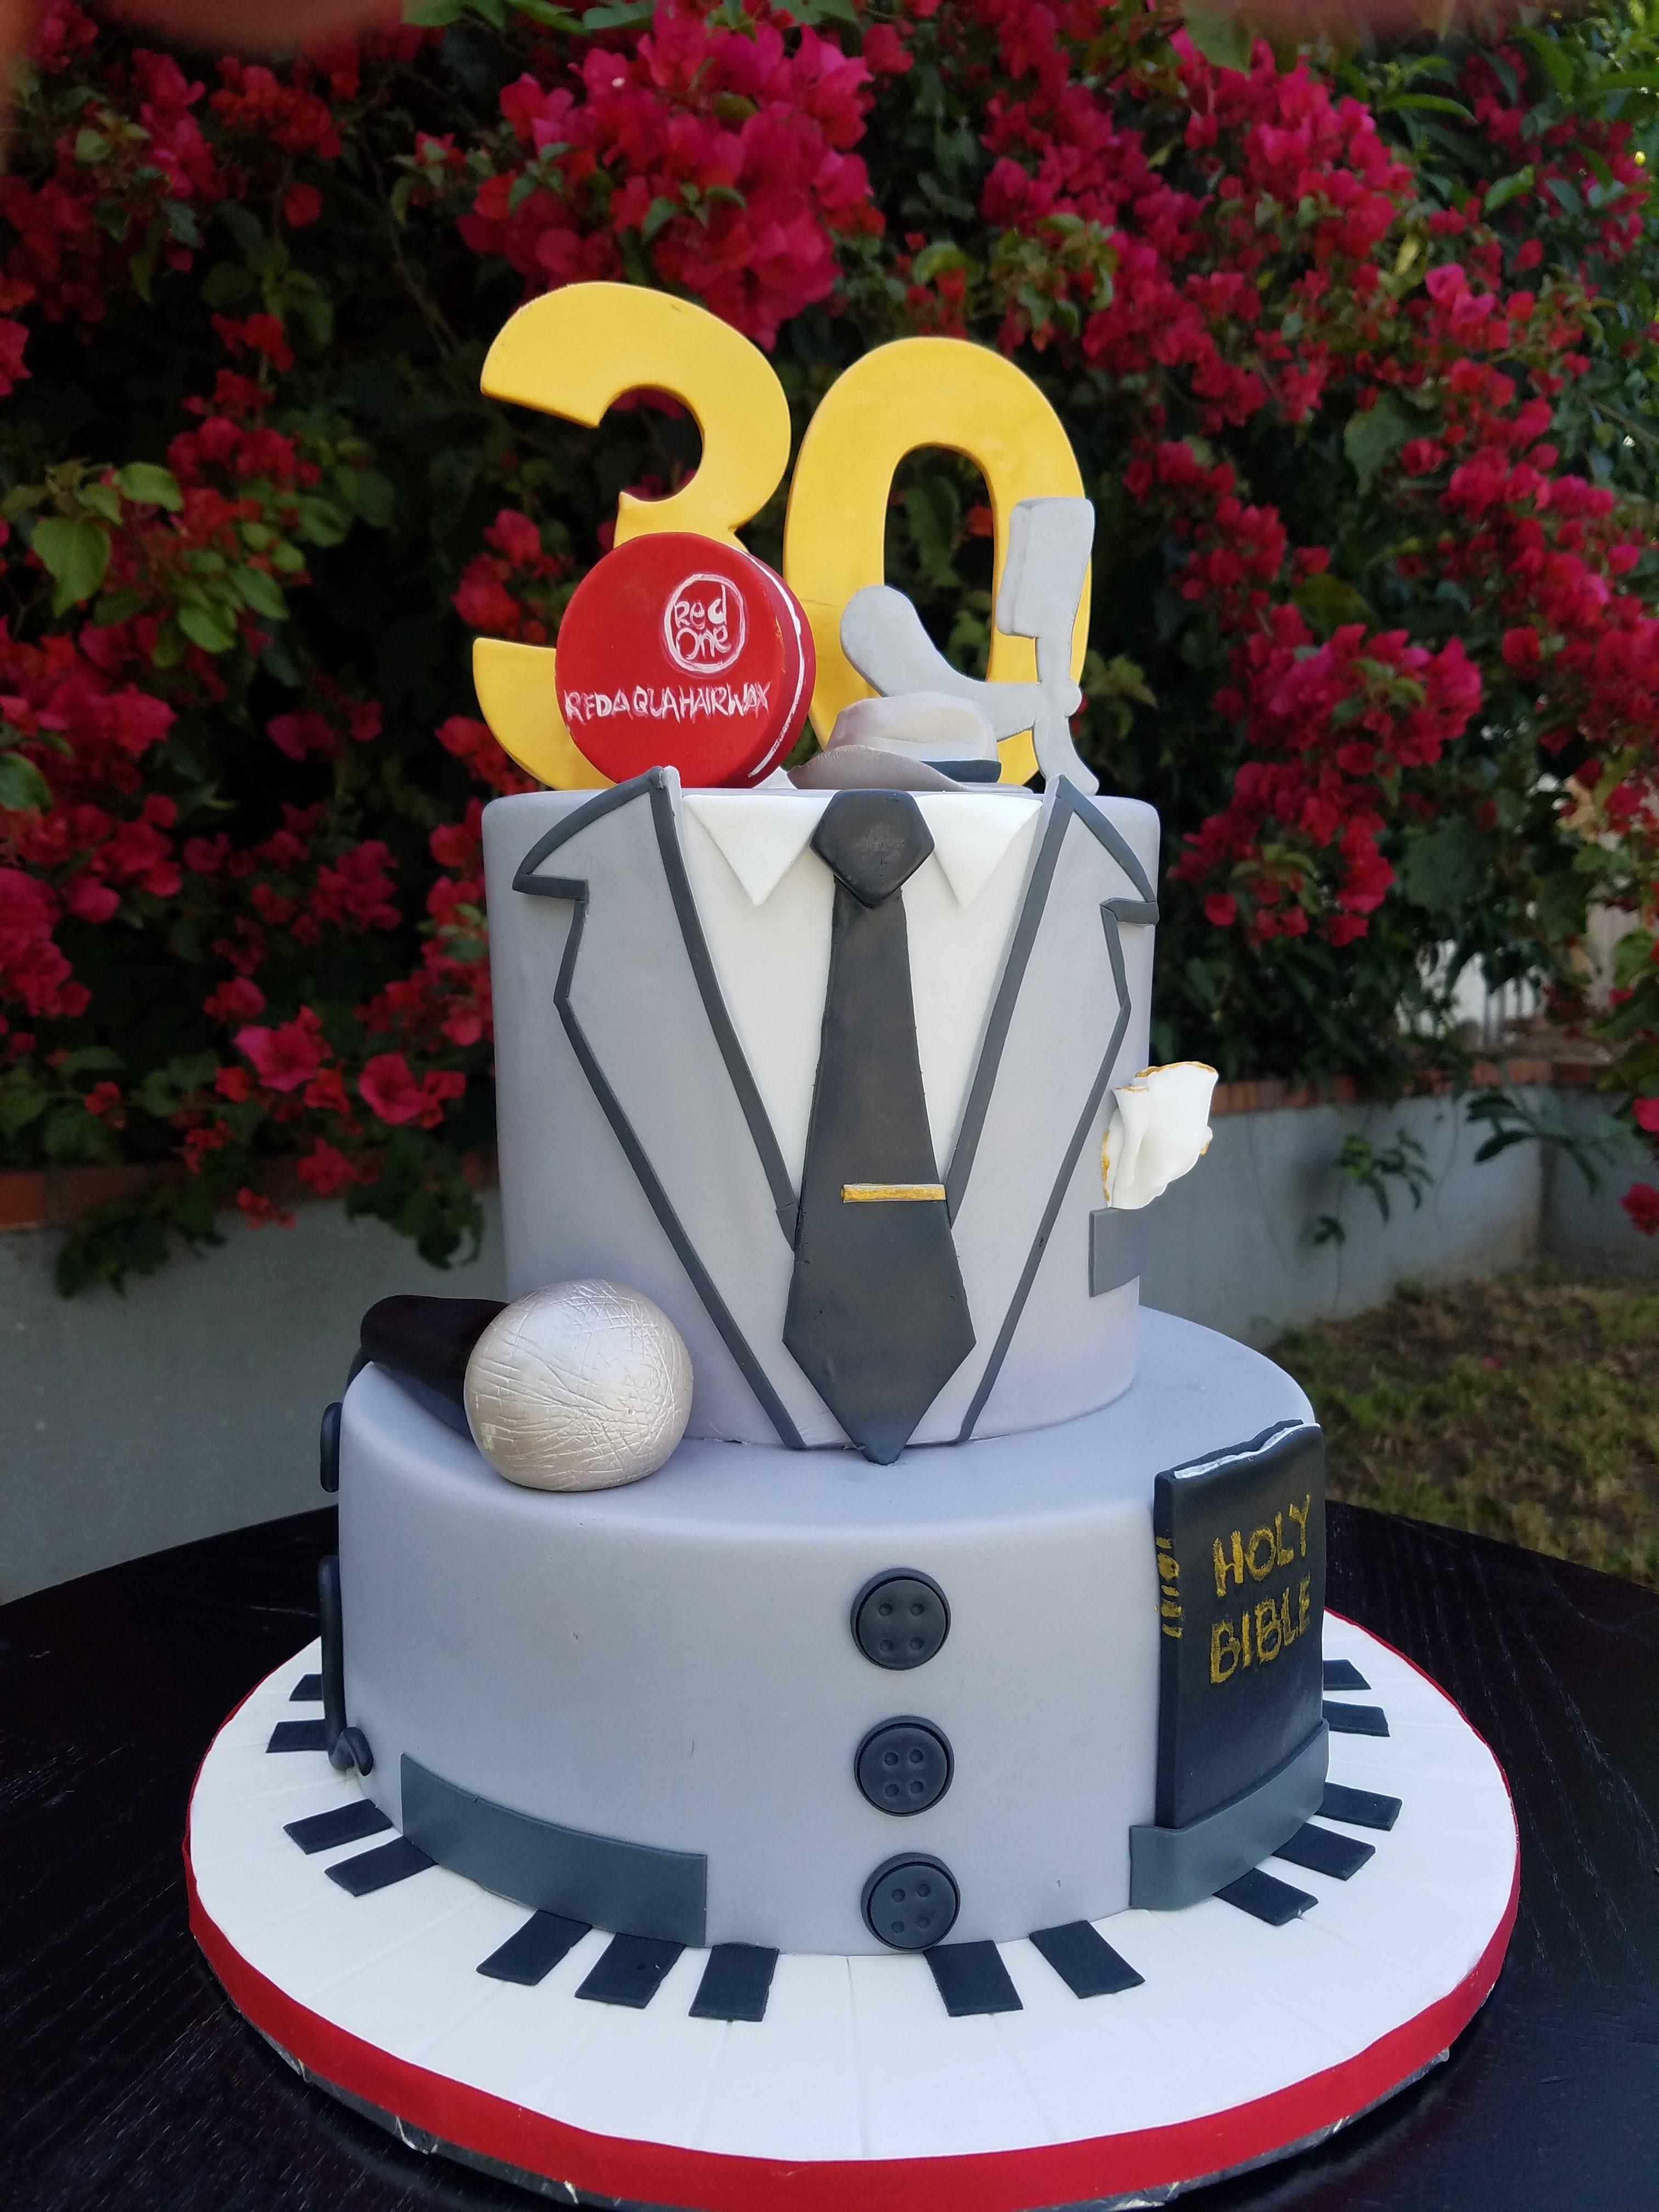 20170407 155110 e1492134765186 - Wedding Cakes